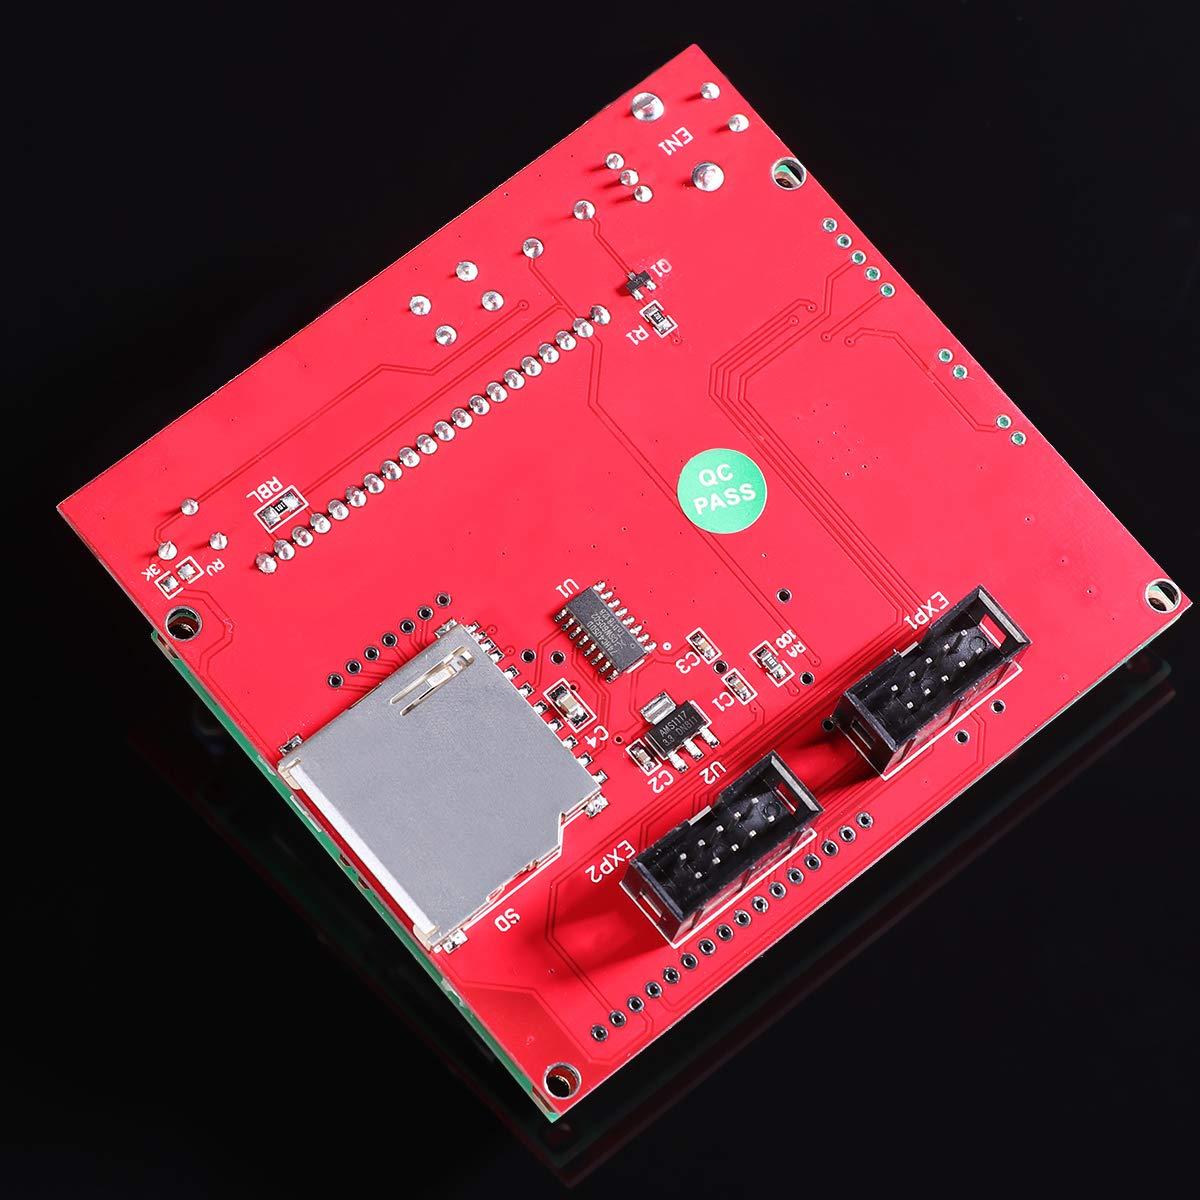 ueetek LCD 12864 Intelligent Indicadores de la pantalla regulador ...